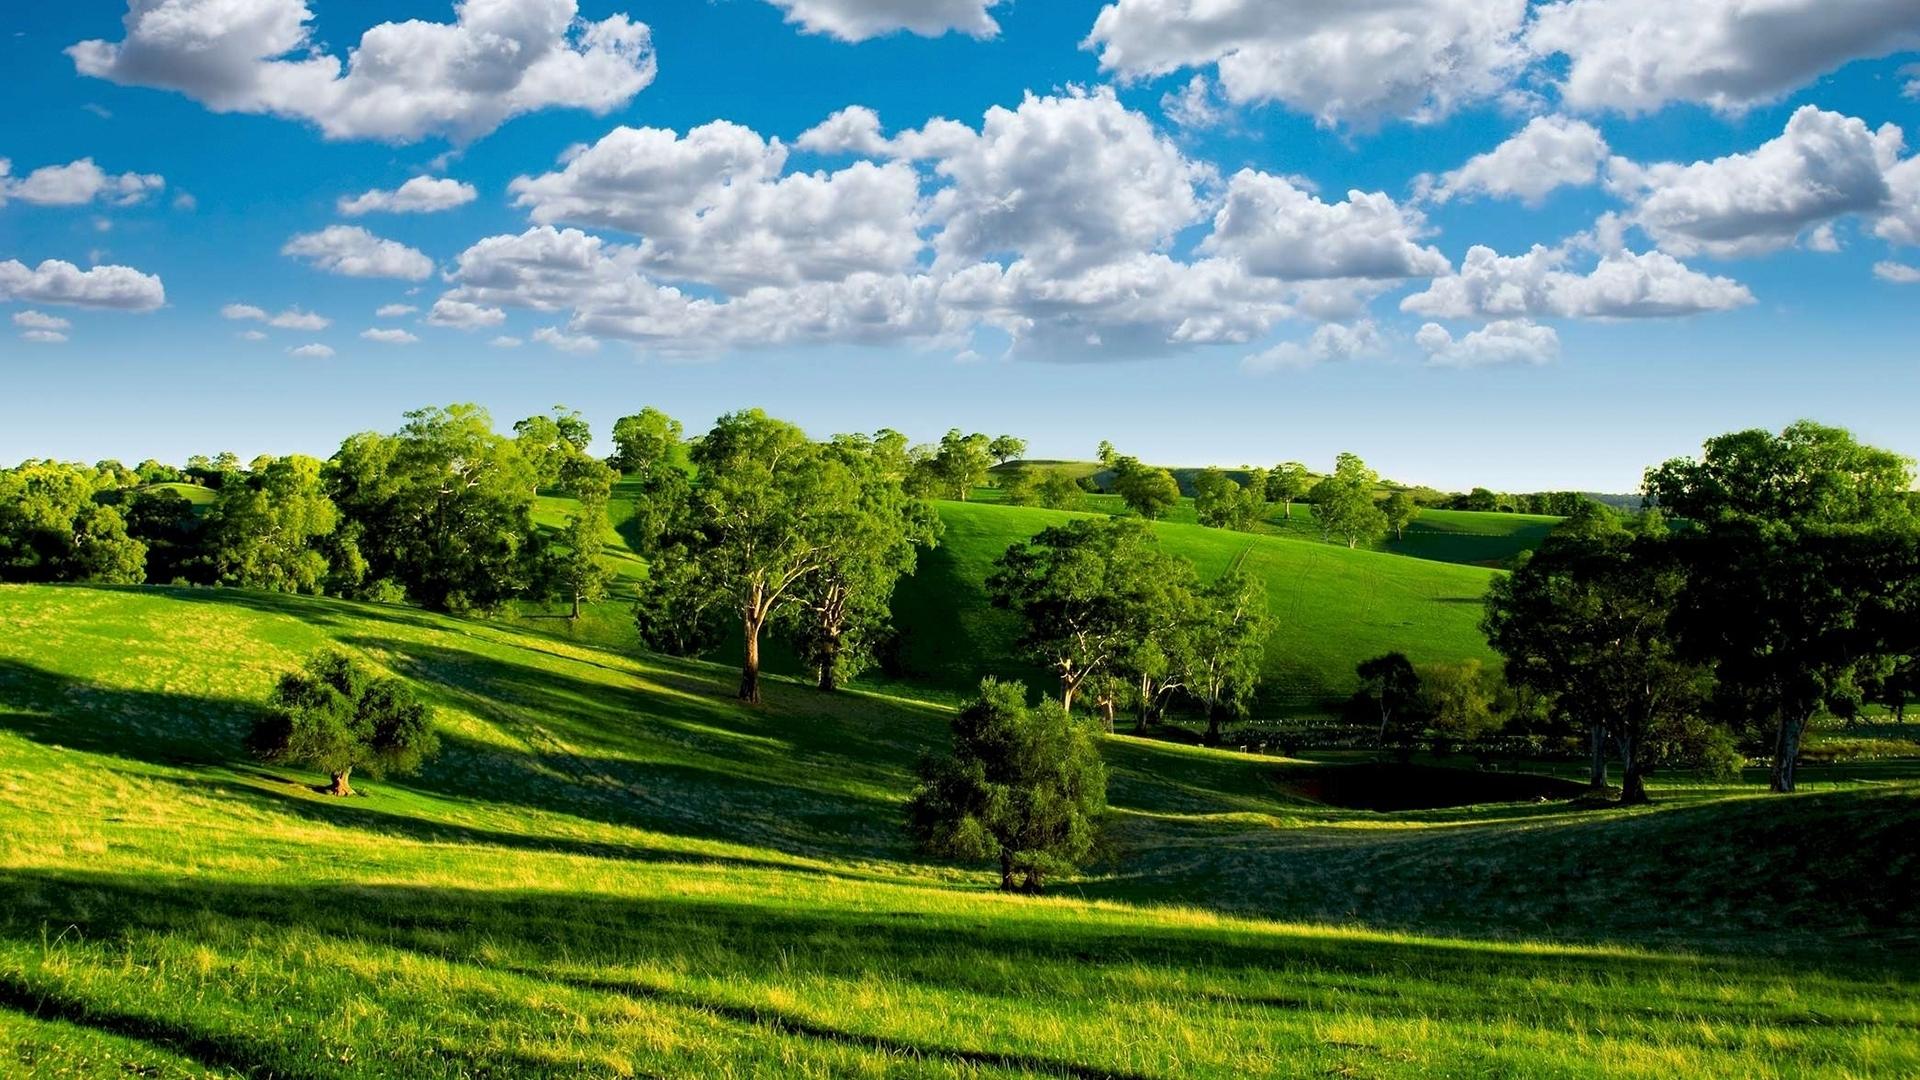 44719 скачать обои Пейзаж, Природа - заставки и картинки бесплатно